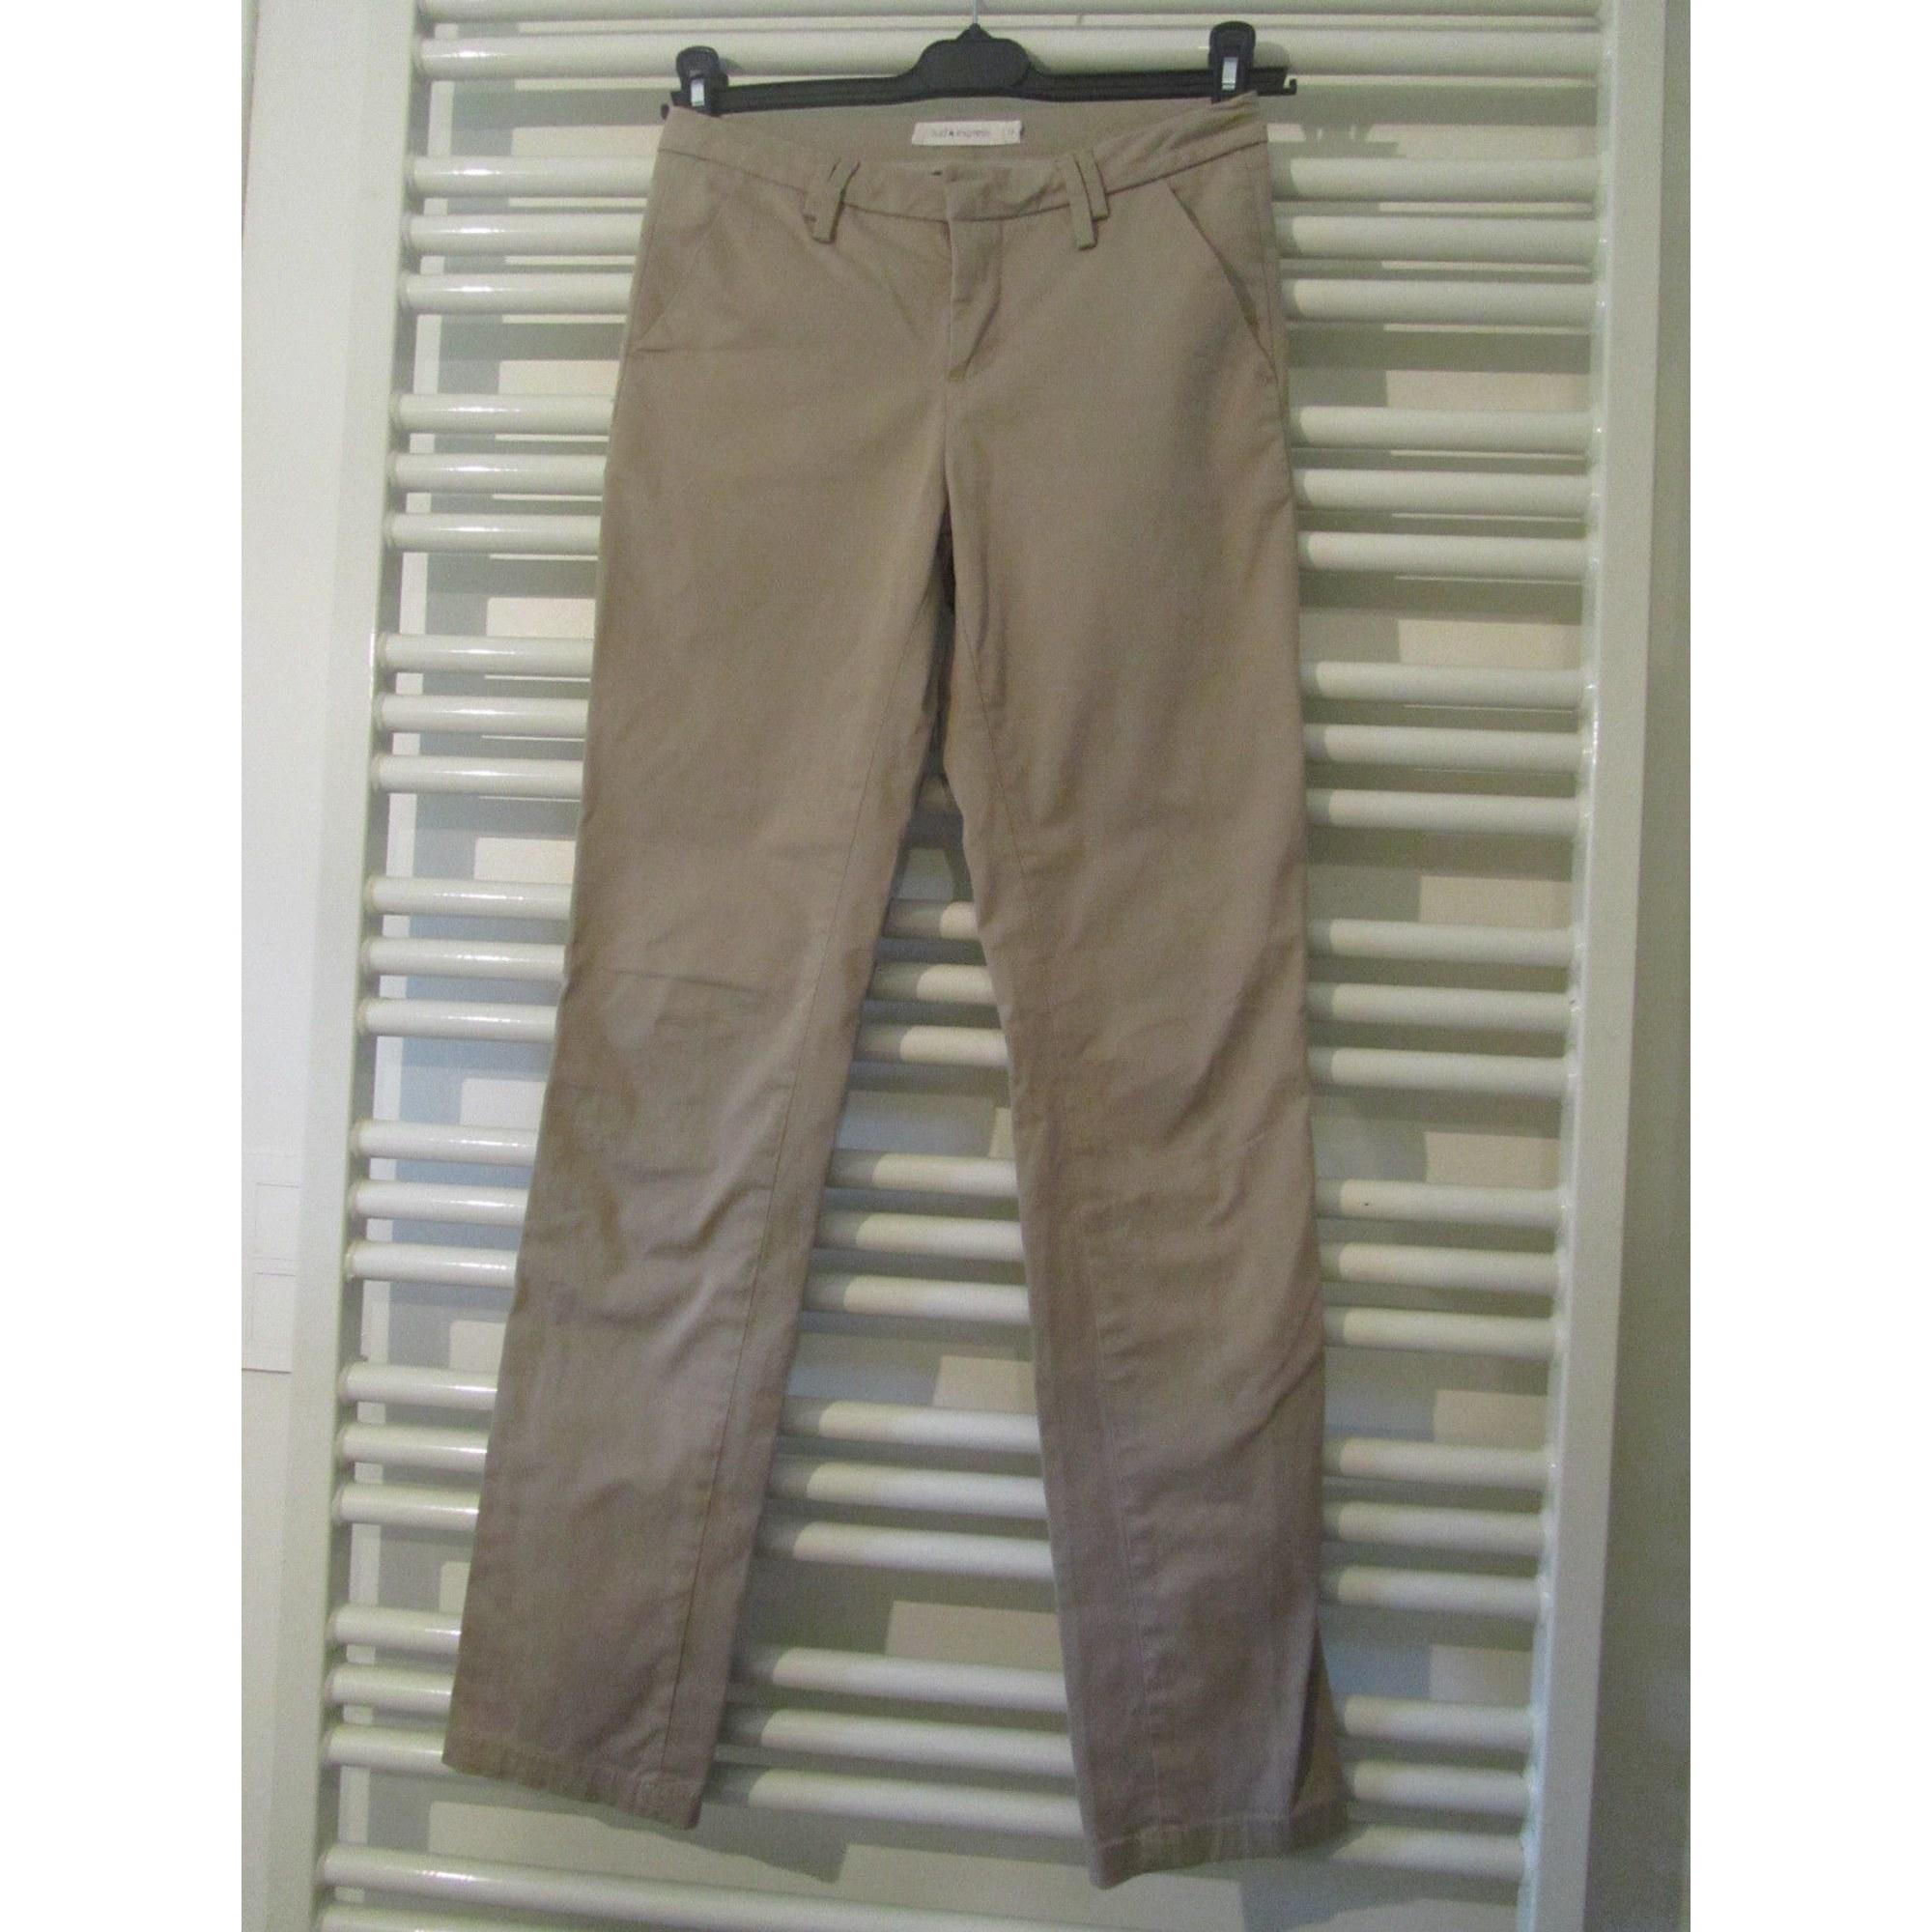 Pantalon droit SUD EXPRESS Beige, camel